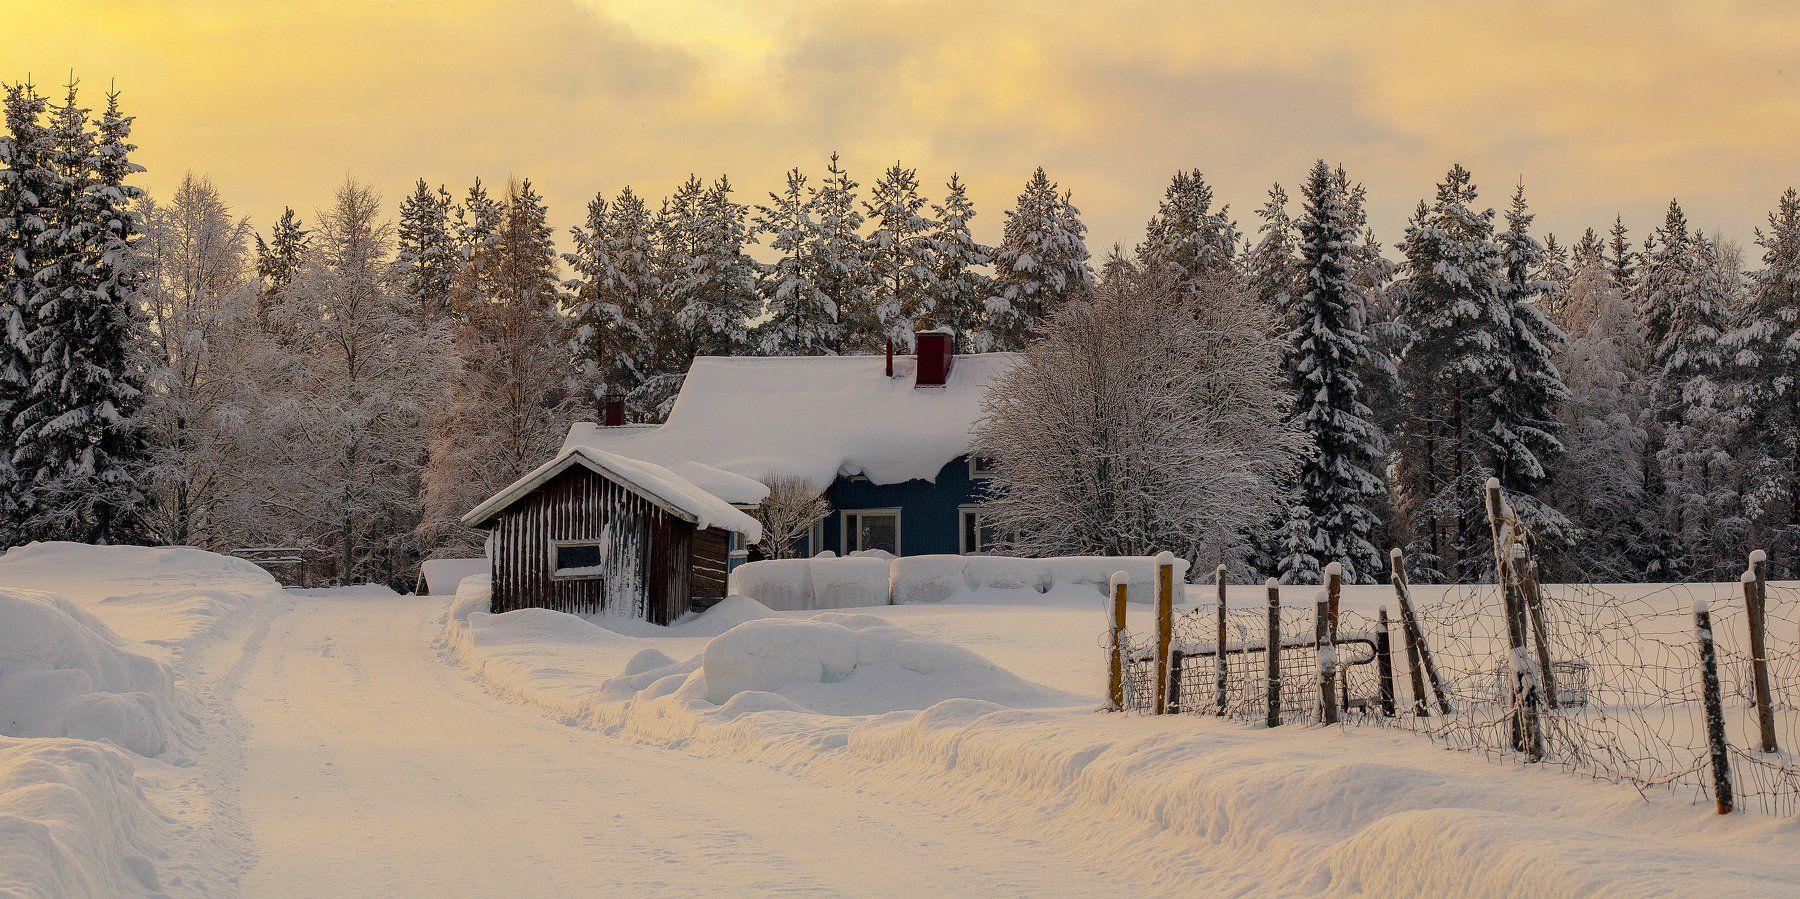 зима, снег, вечер, хутор, дом, закат, лес, дорога., Александр Игнатьев